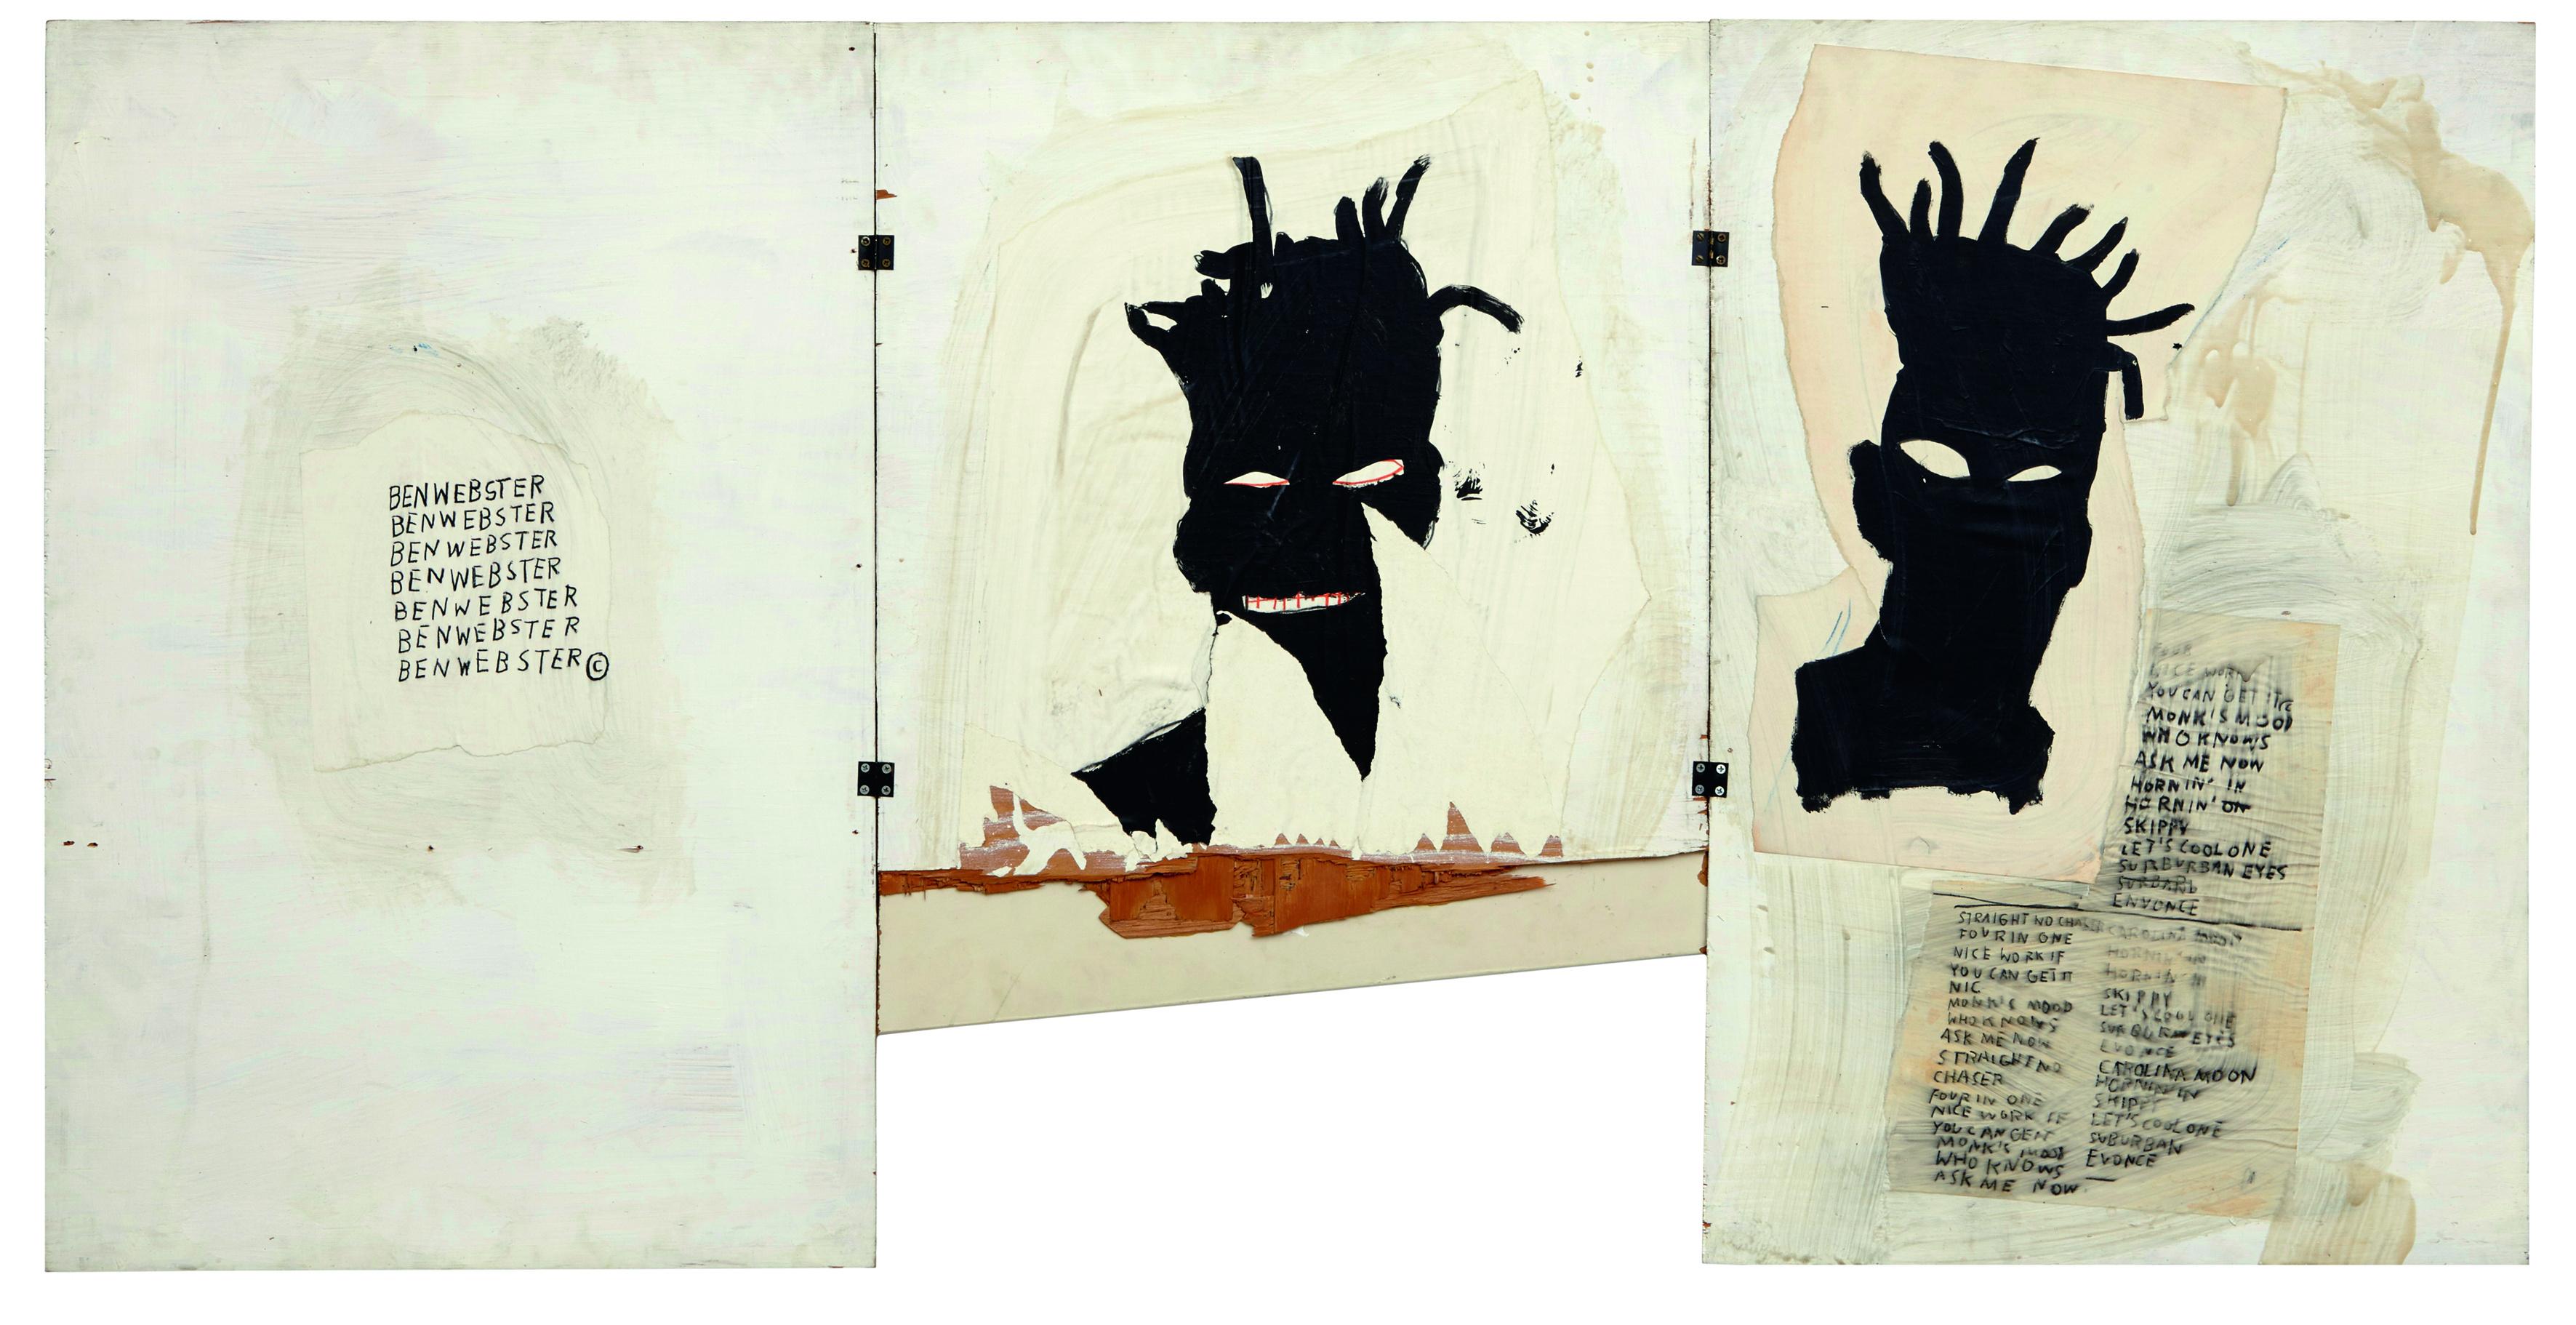 Jean-Michel Basquiat, Autoritratto, 1981, Acrilico, olio, pastello a olio e collage su tre tavole, cm 101,6 x 177,8, Mugrabi Collection © The Estate of Jean-Michel Basquiat by SIAE 2016